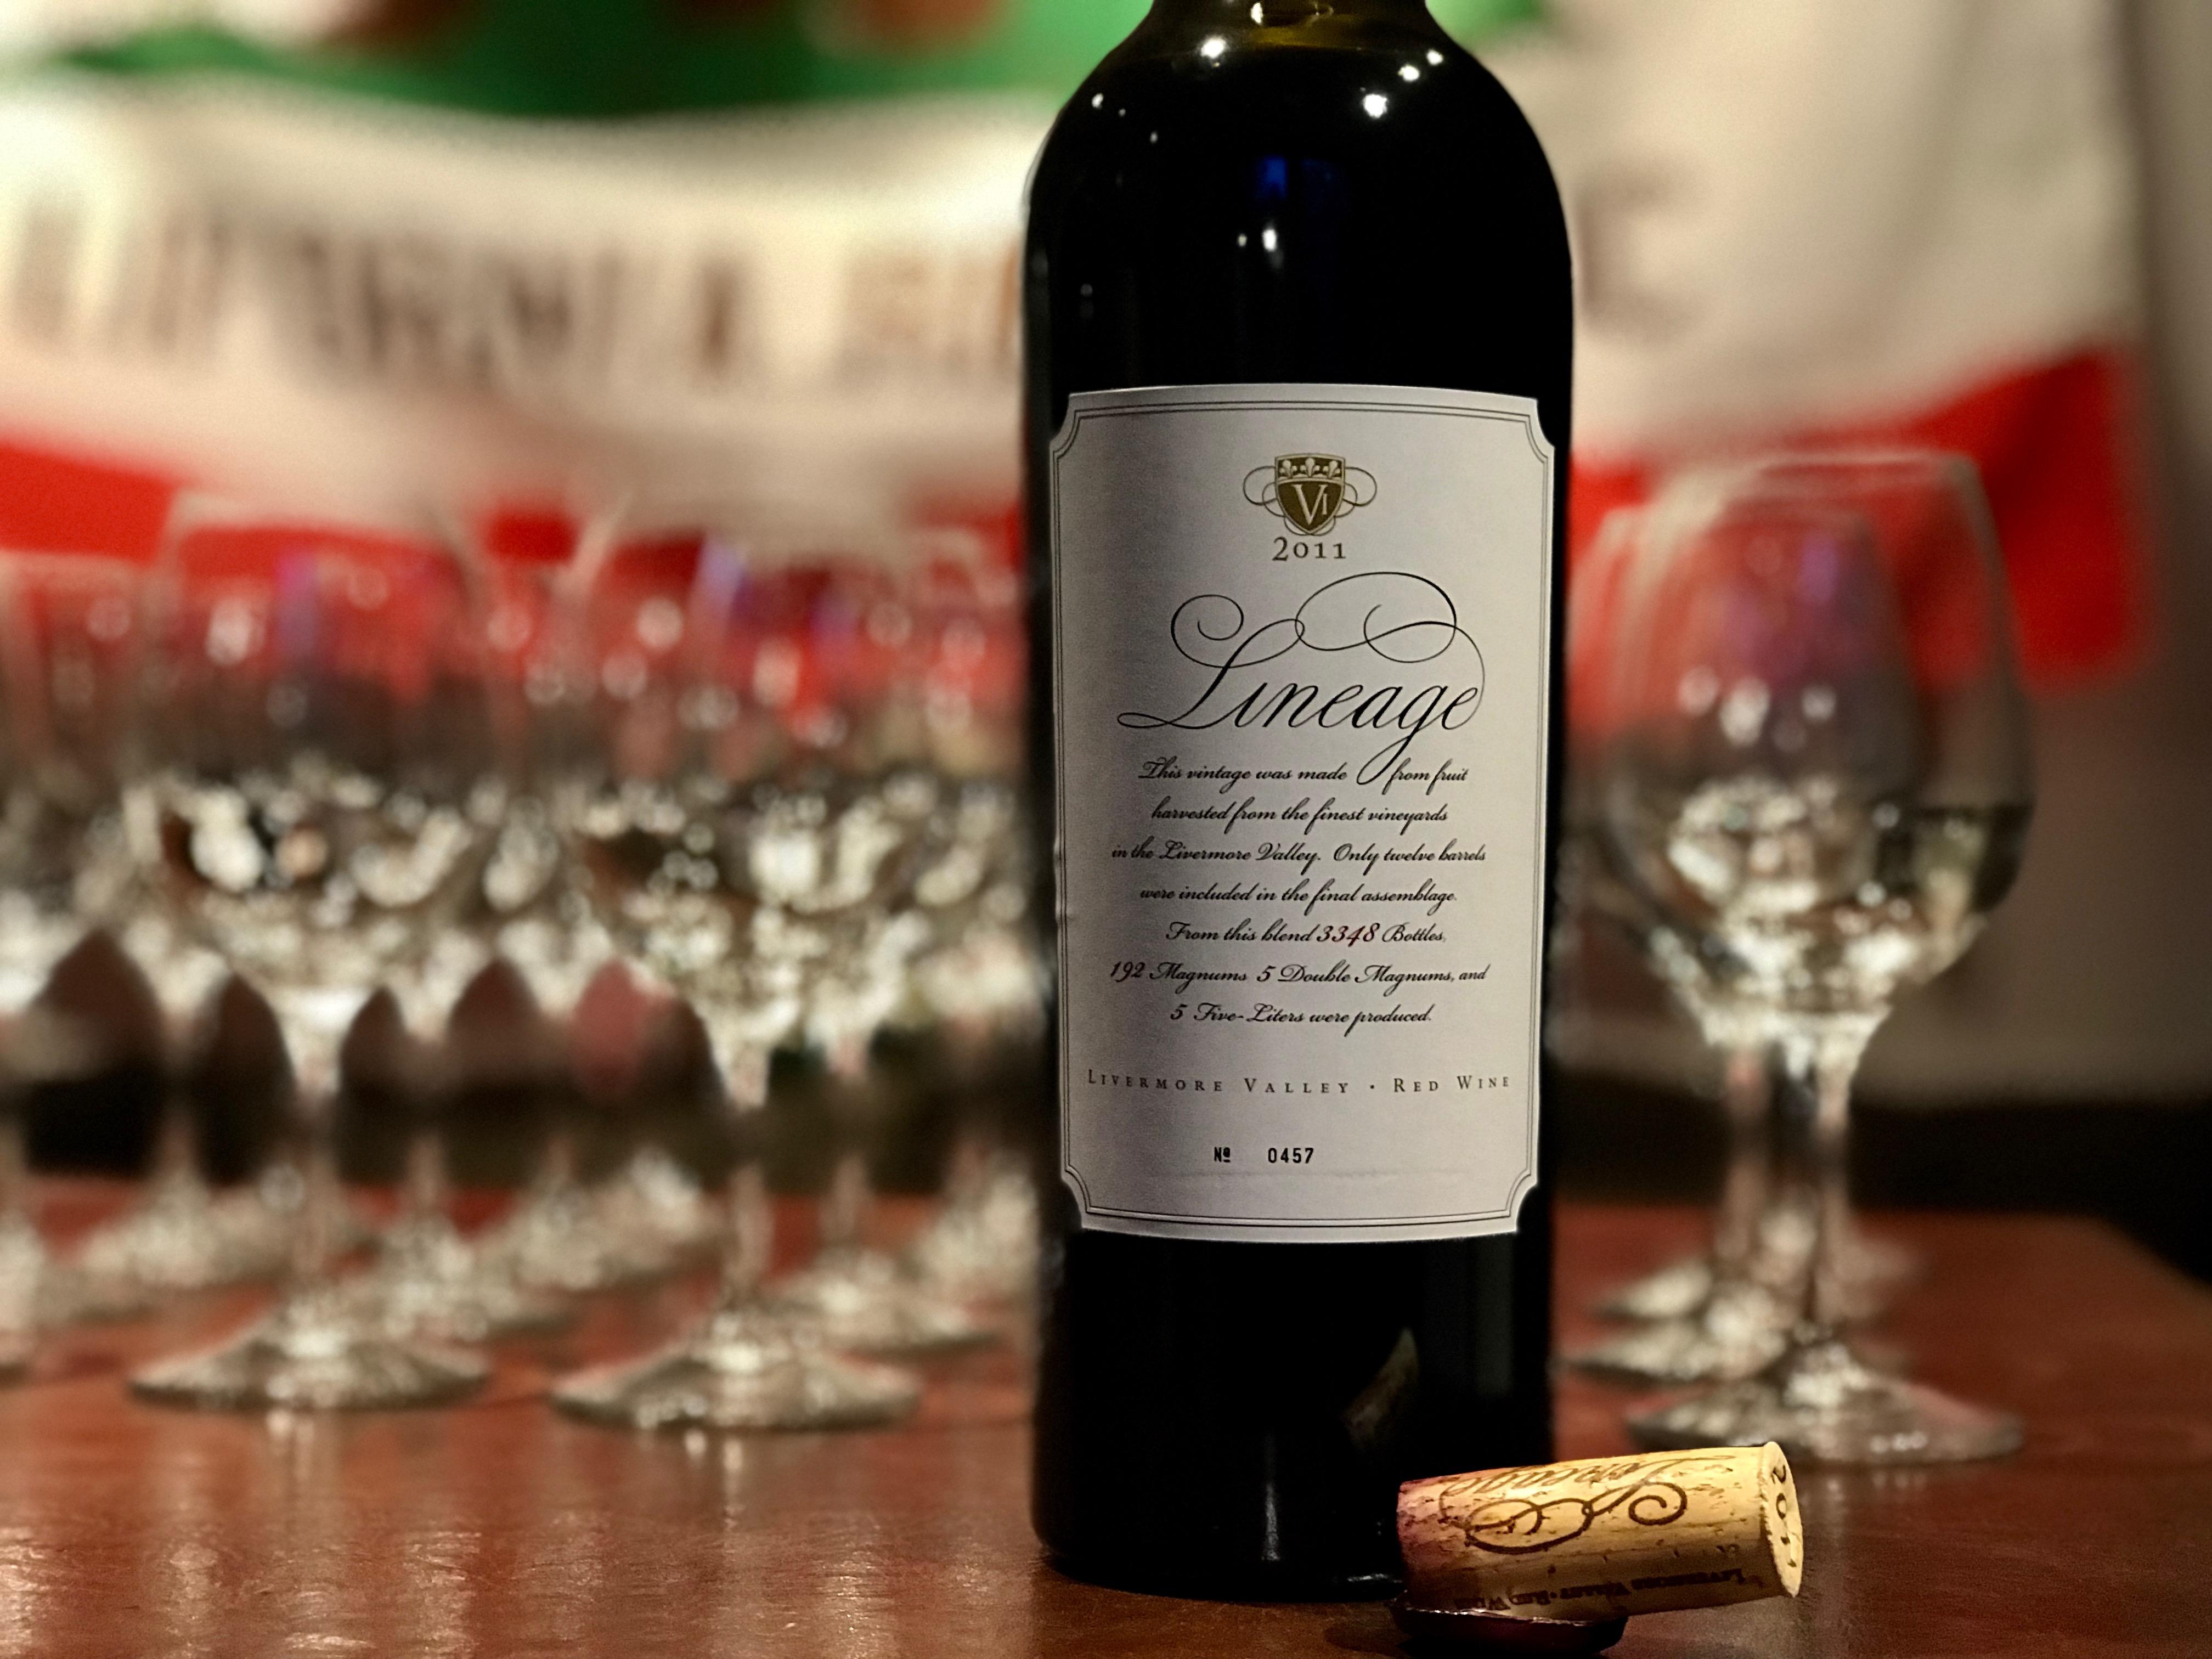 カリフォルニア・リヴァモアのワインを楽しむ会を開催しました。